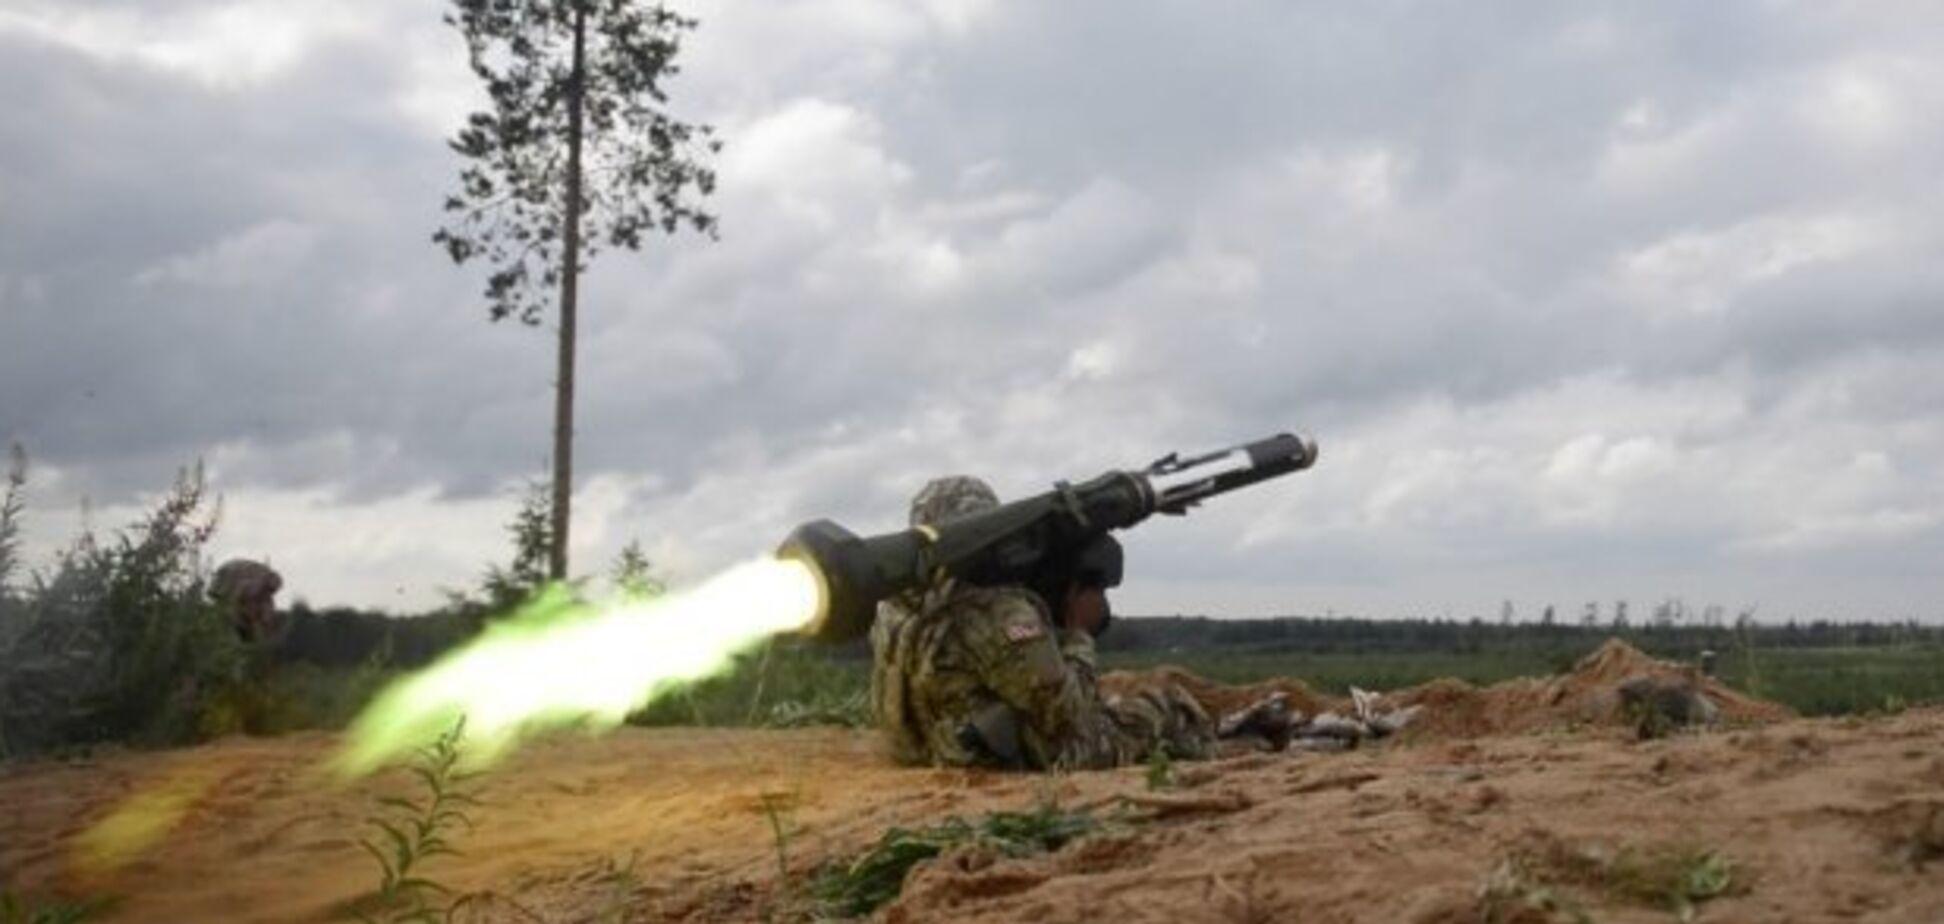 Україна почне масштабну закупівлю зброї у США: спливли важливі деталі